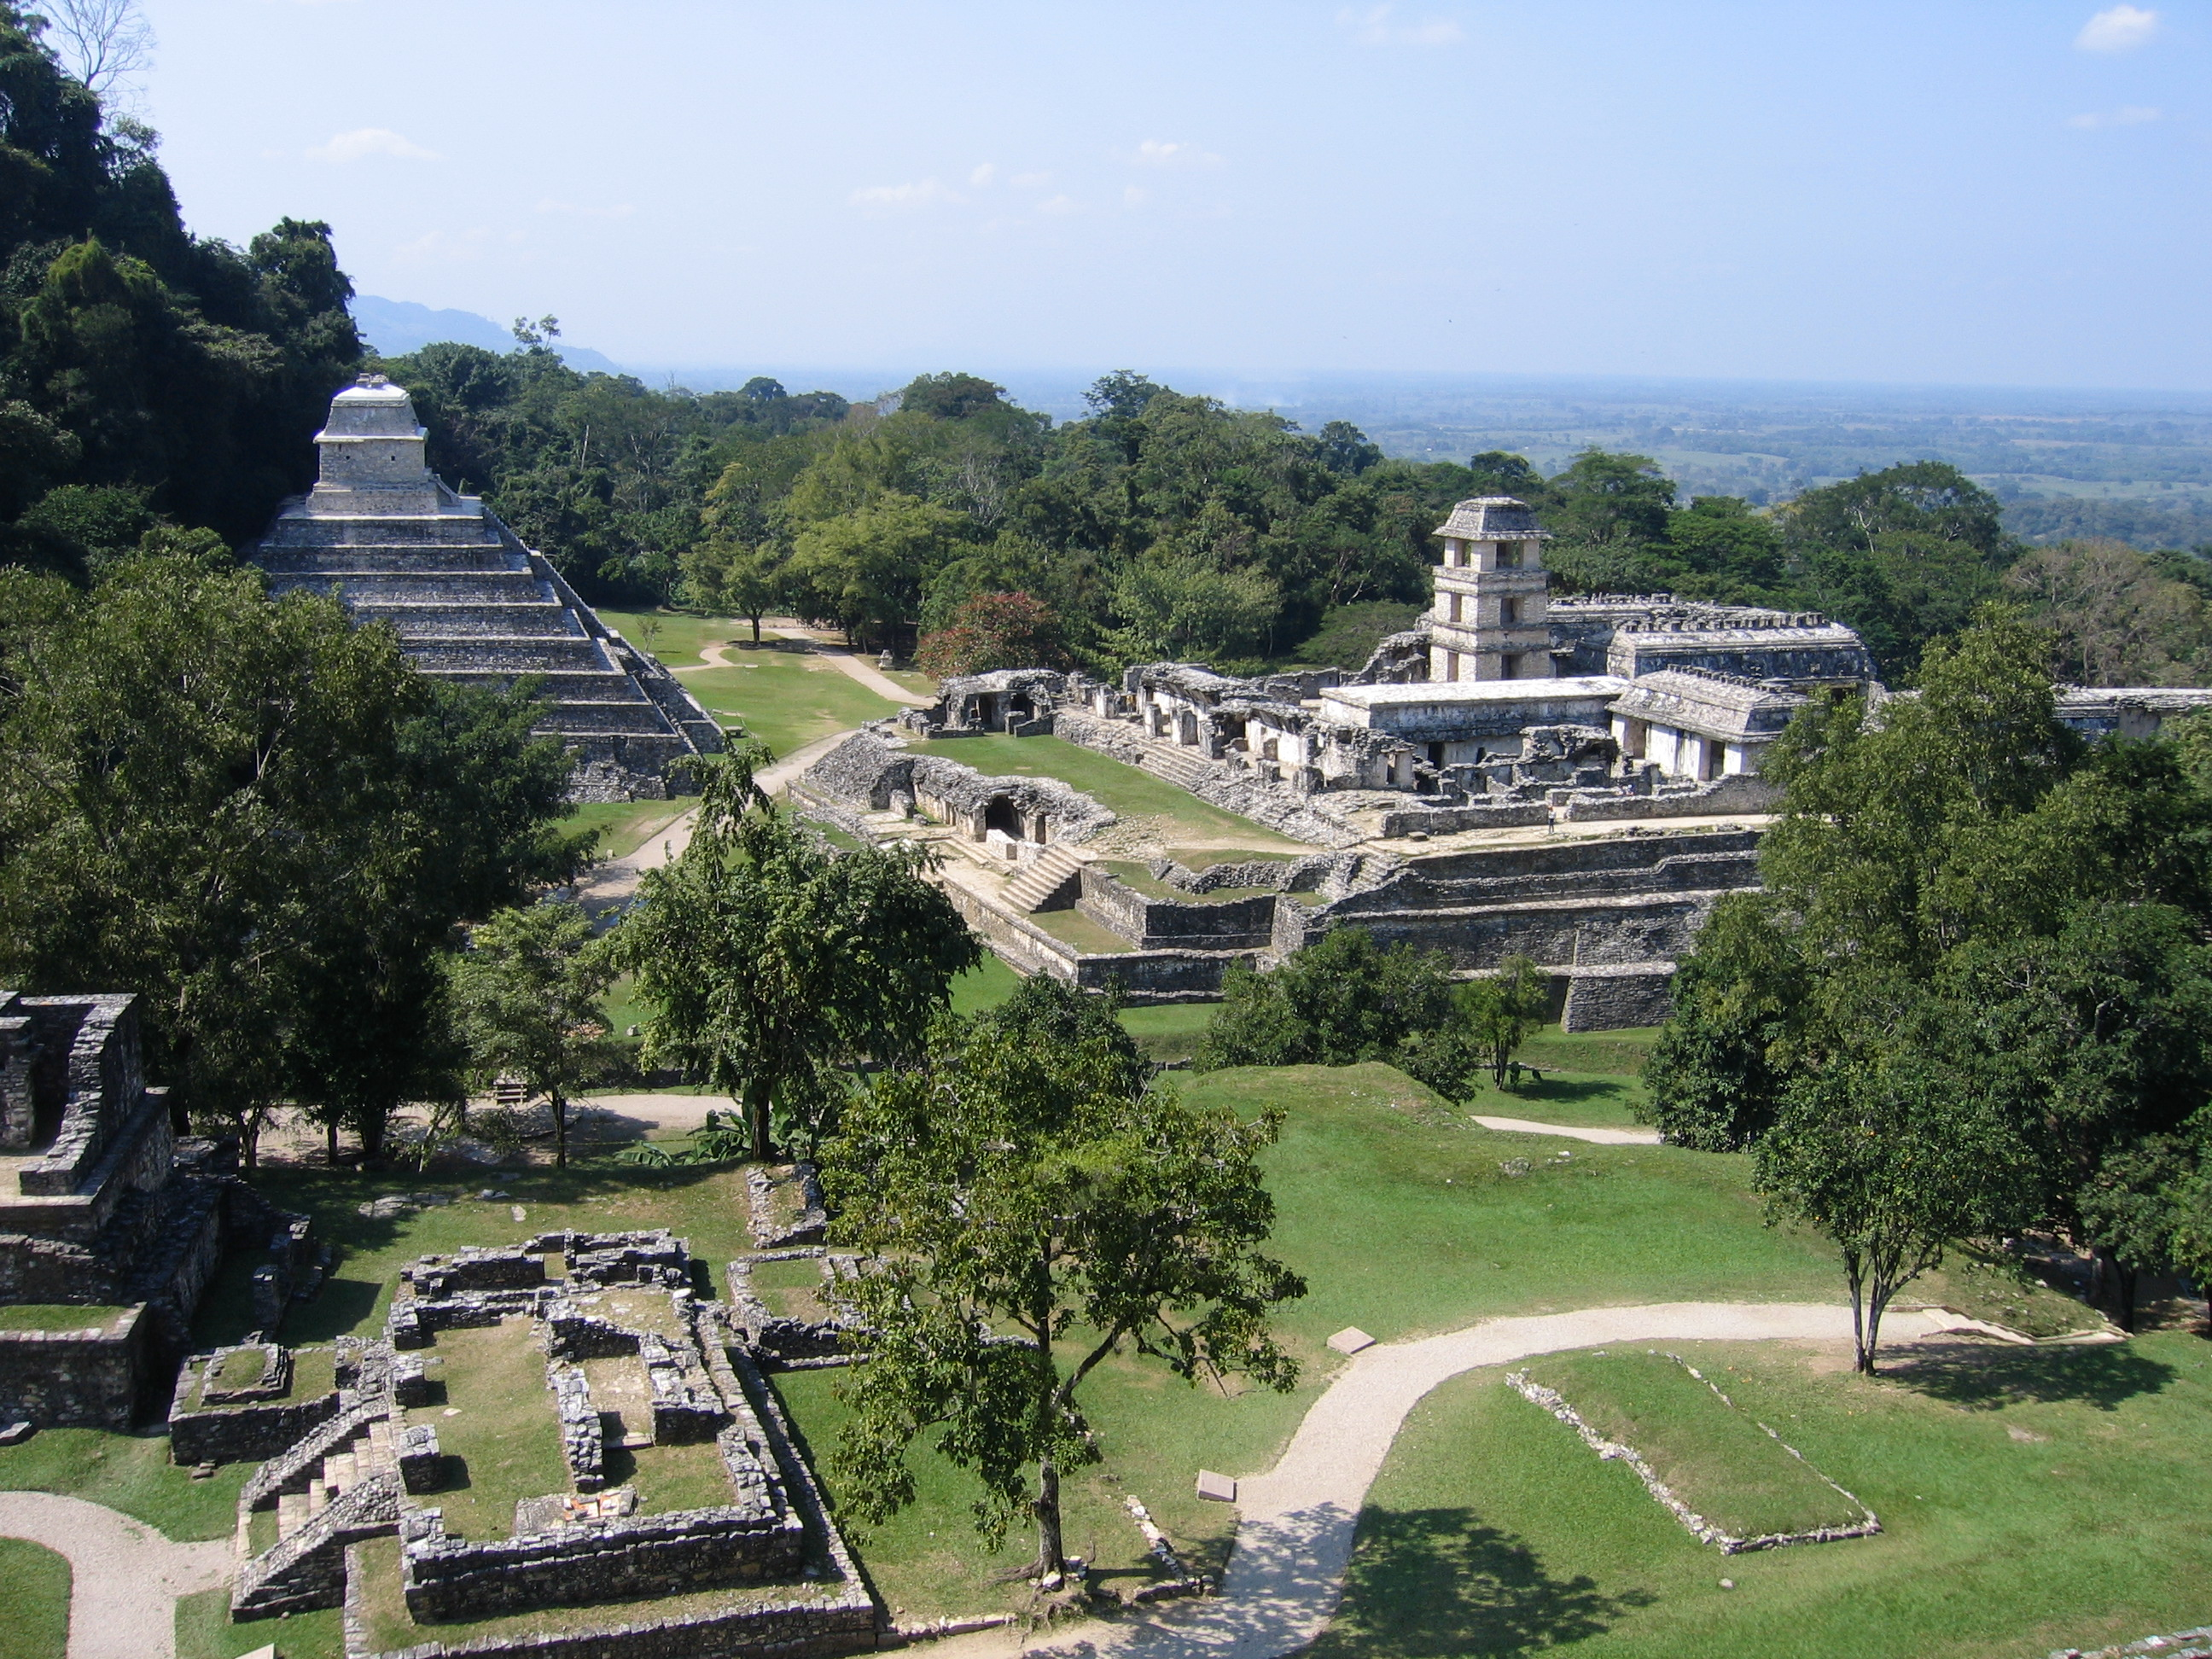 Ruiny mayské civilizace u Palenque